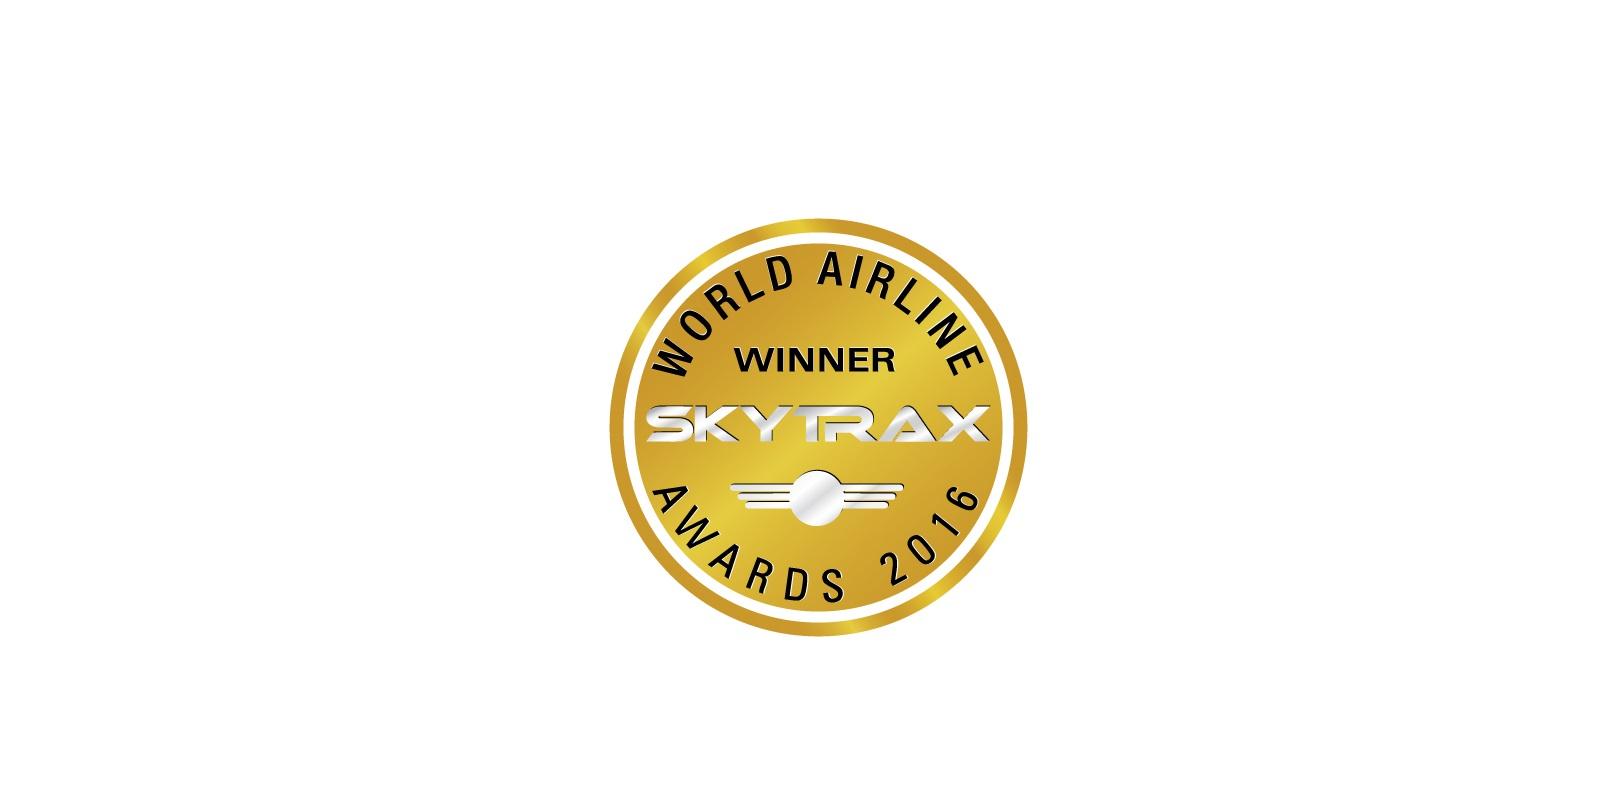 Skytrax winner 2016 logo